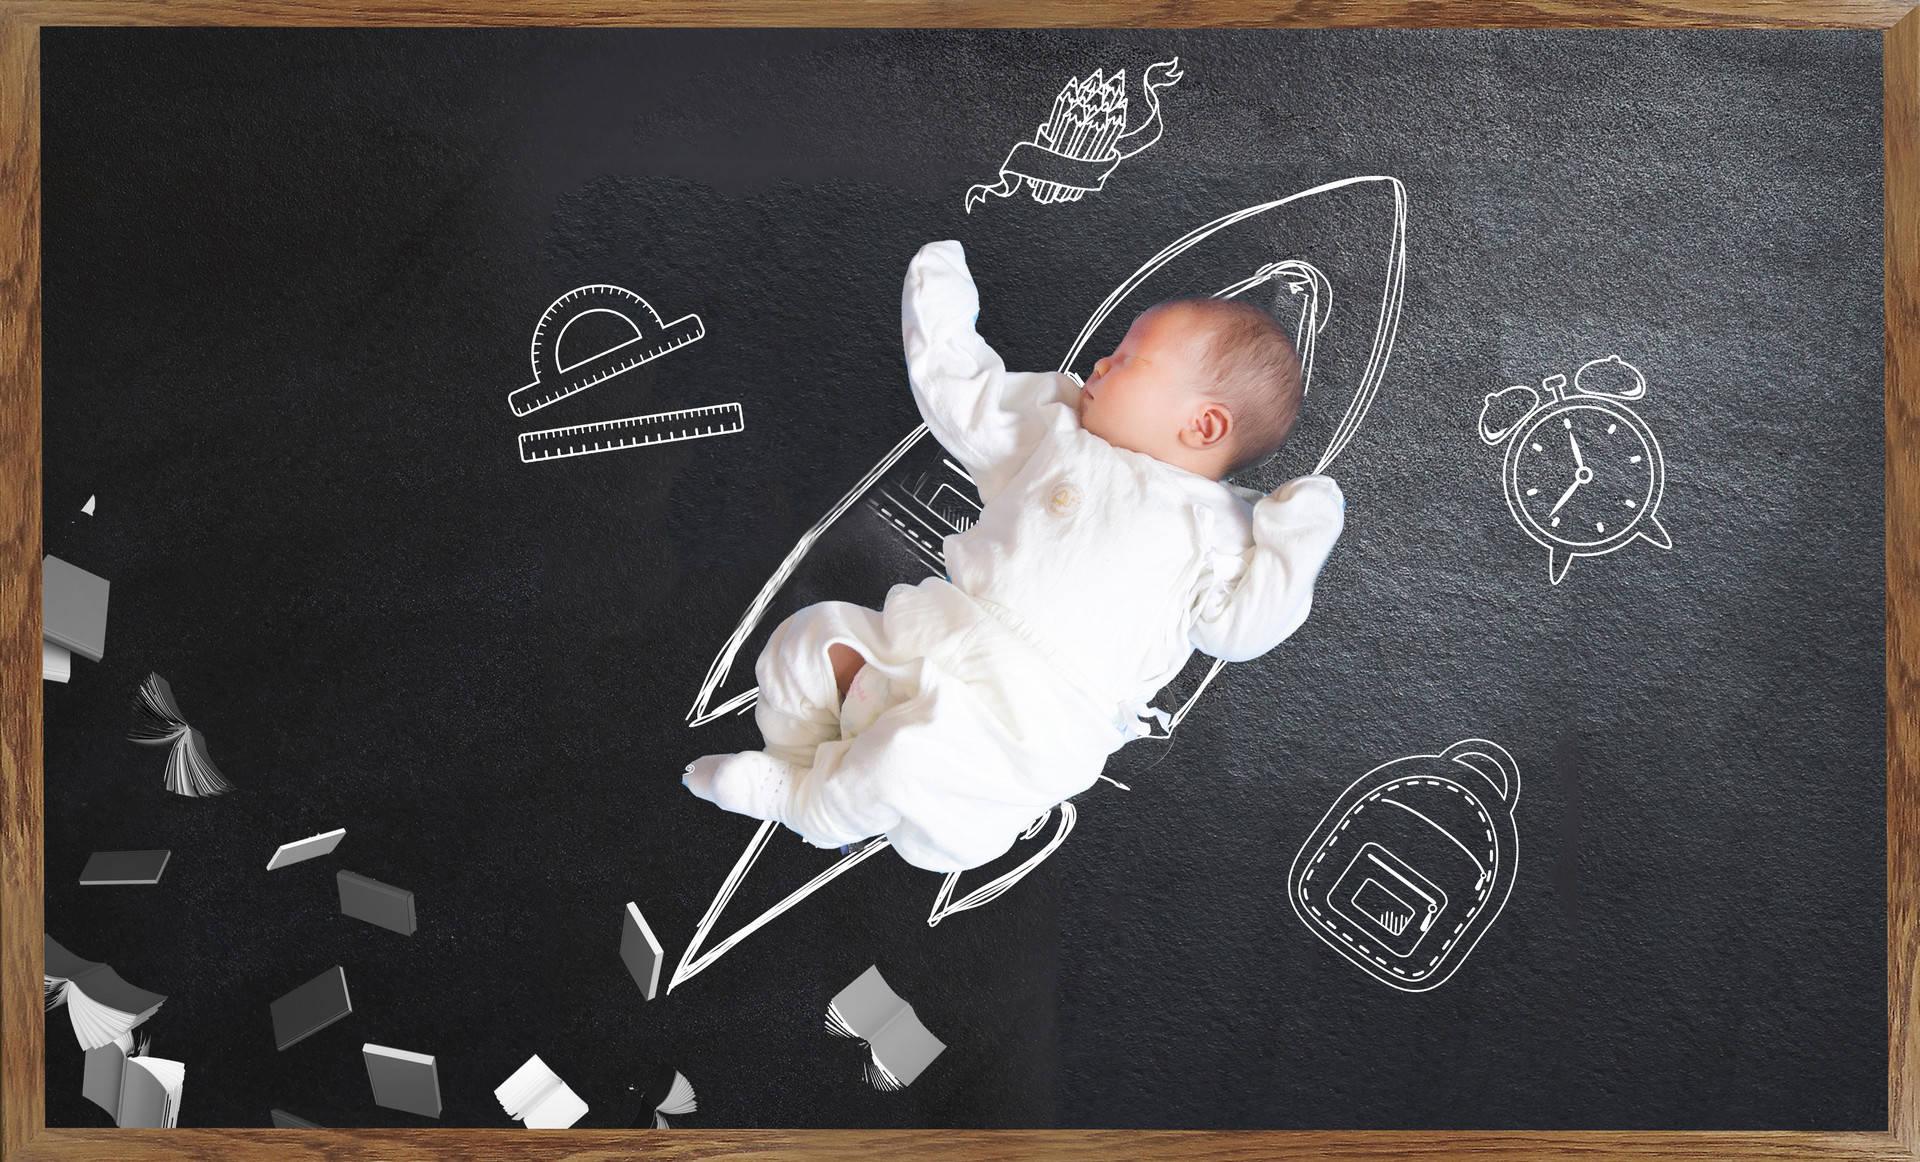 母乳喂养自查清单:宝宝成功喂养和吃饱的表现妈妈要清楚